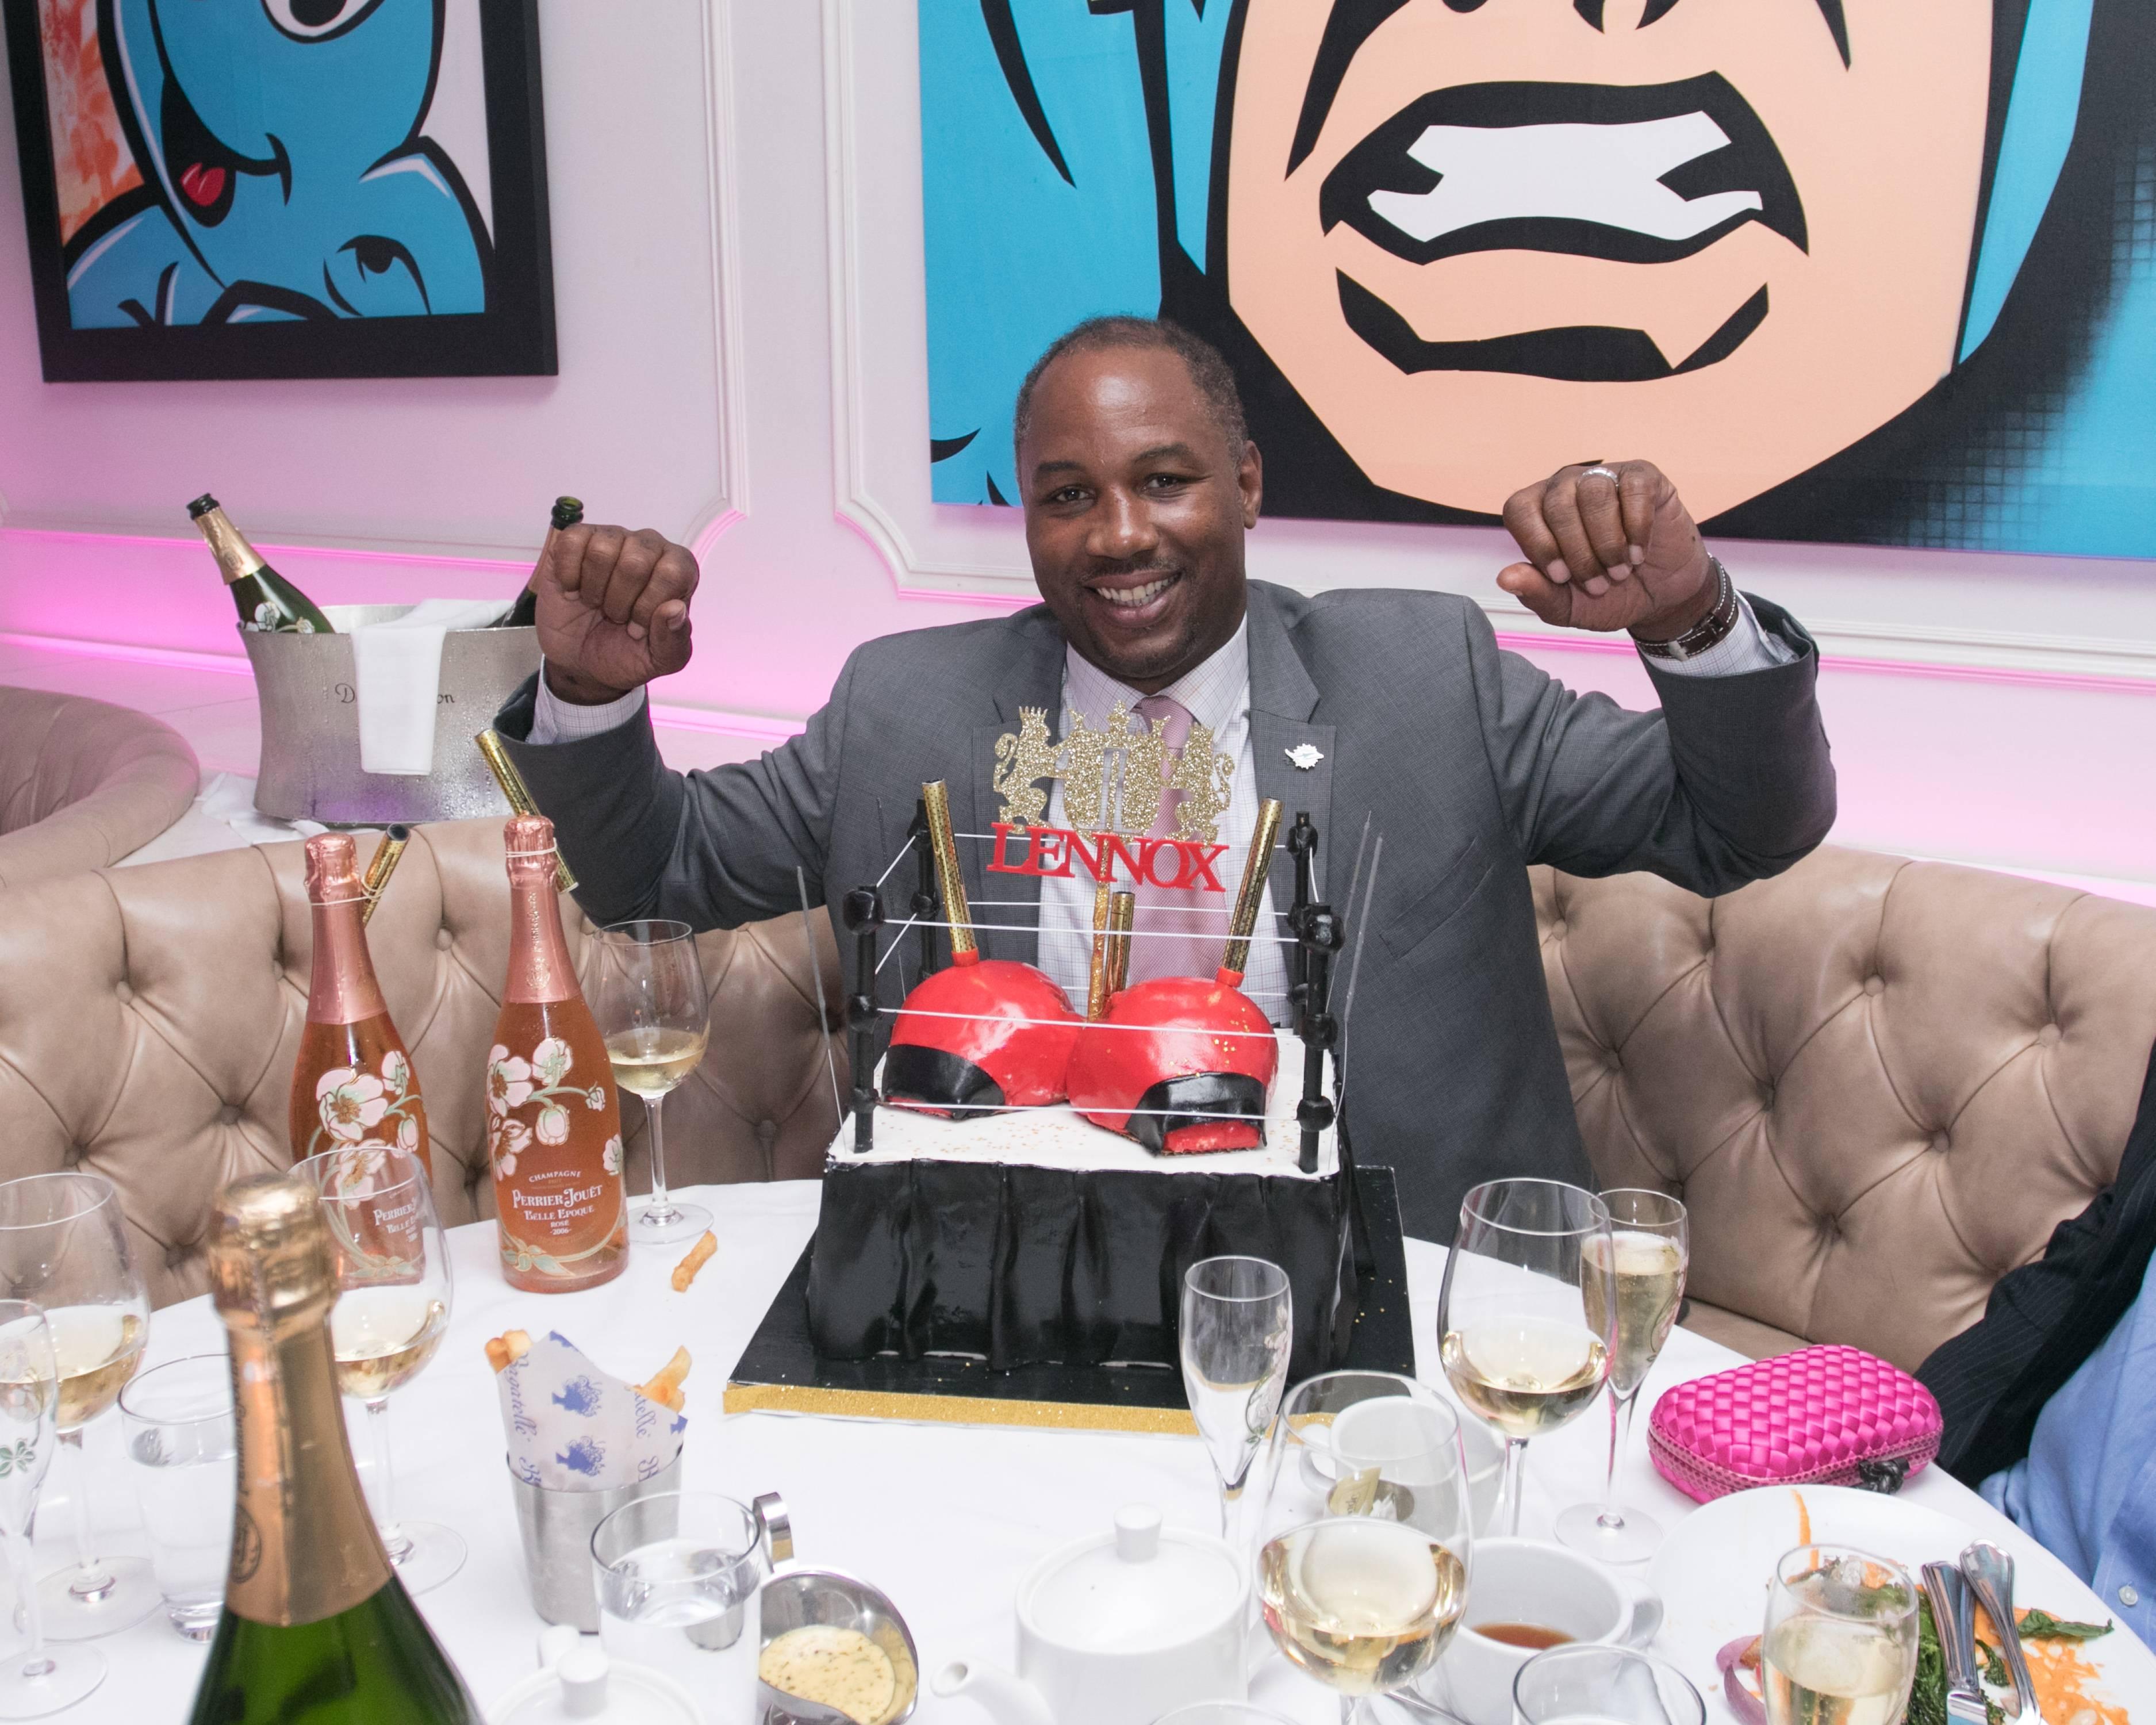 Miami Beach Fl October 15 Lennox Lewis Celebrates His Haute 50th Birthday Celebration